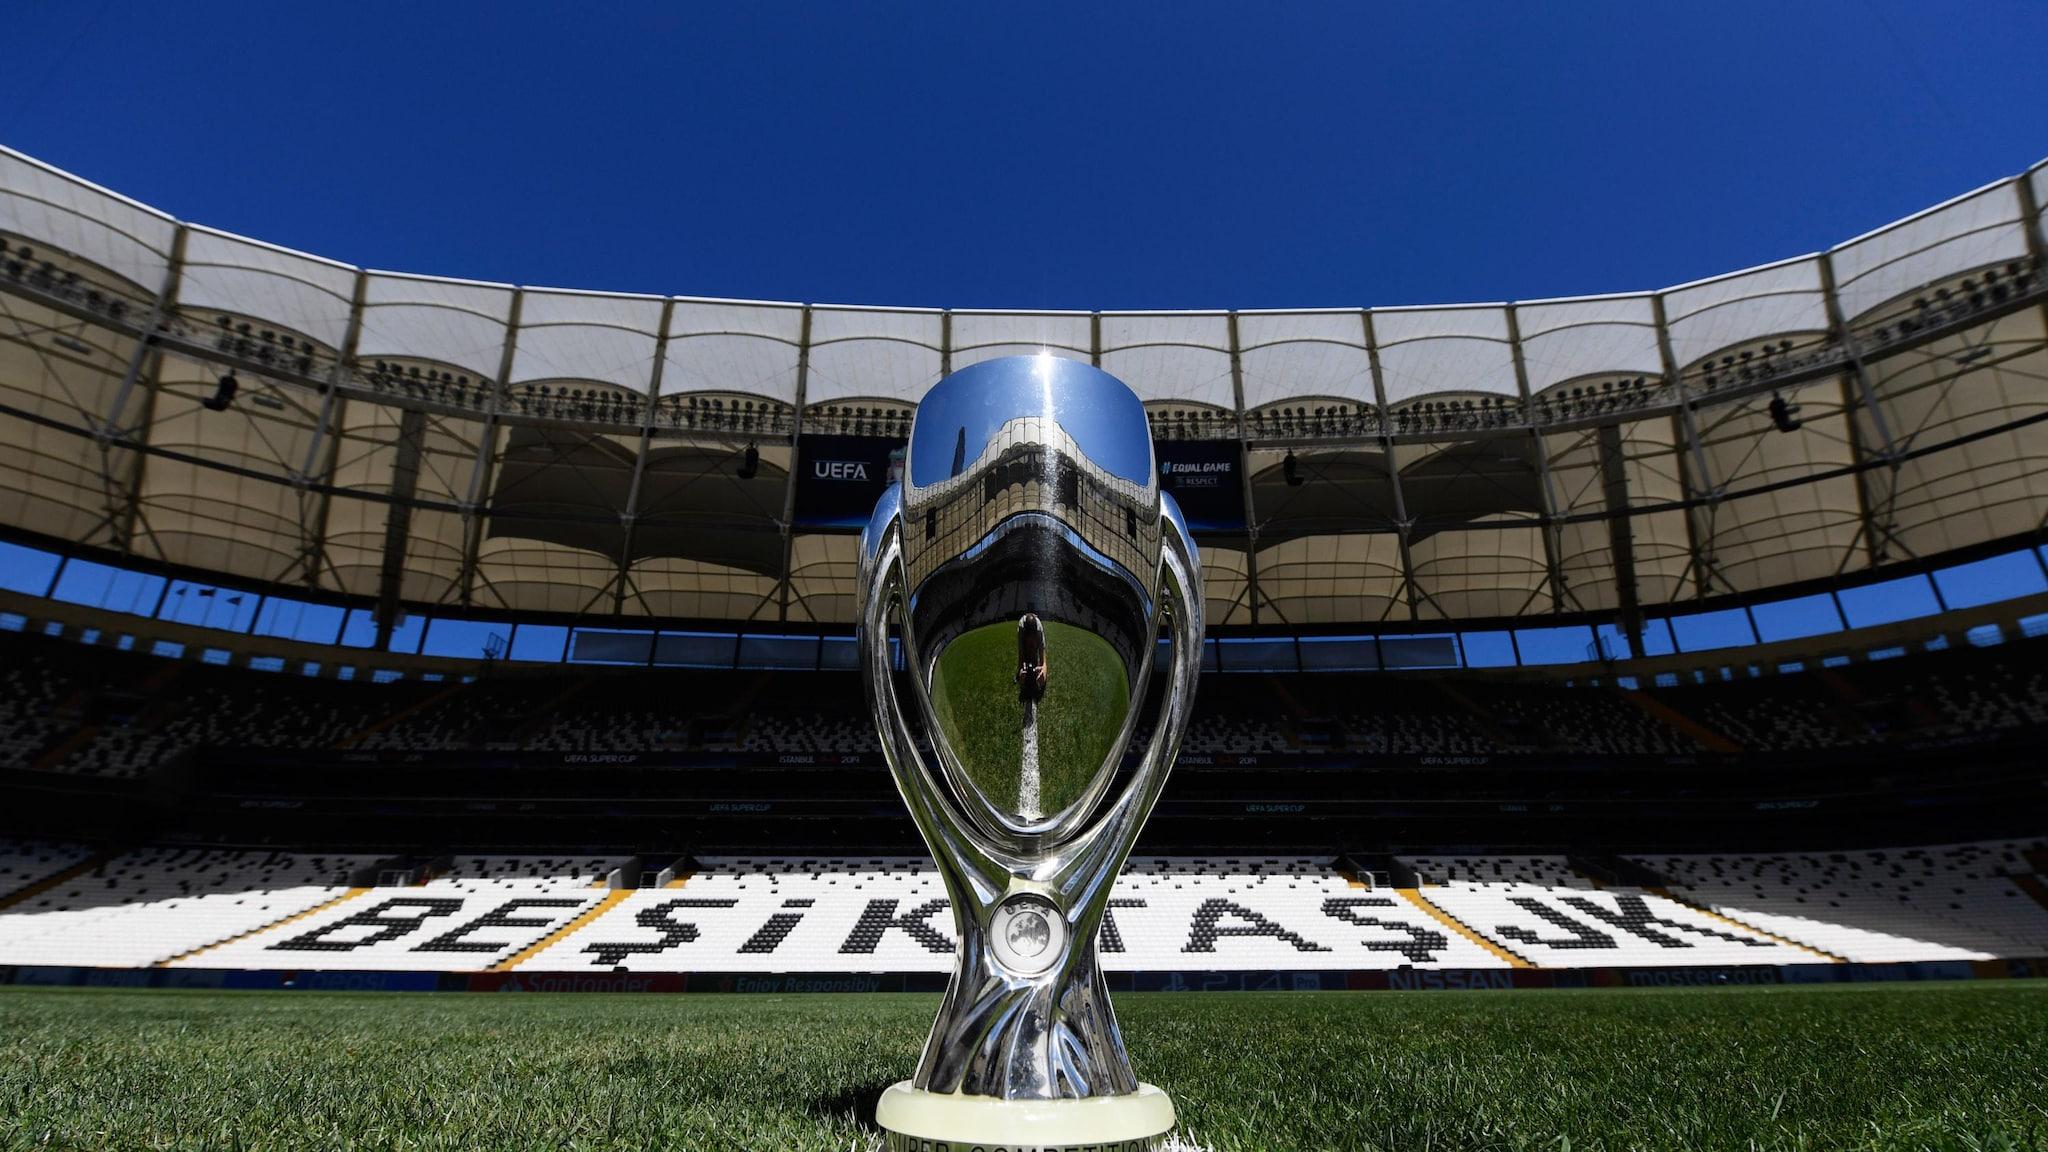 [img]https://editorial.uefa.com/resources/0254-0d3efcb6b156-ccf20d951f15-1000/liverpool_v_chelsea_uefa_super_cup_previews.jpeg[/img]